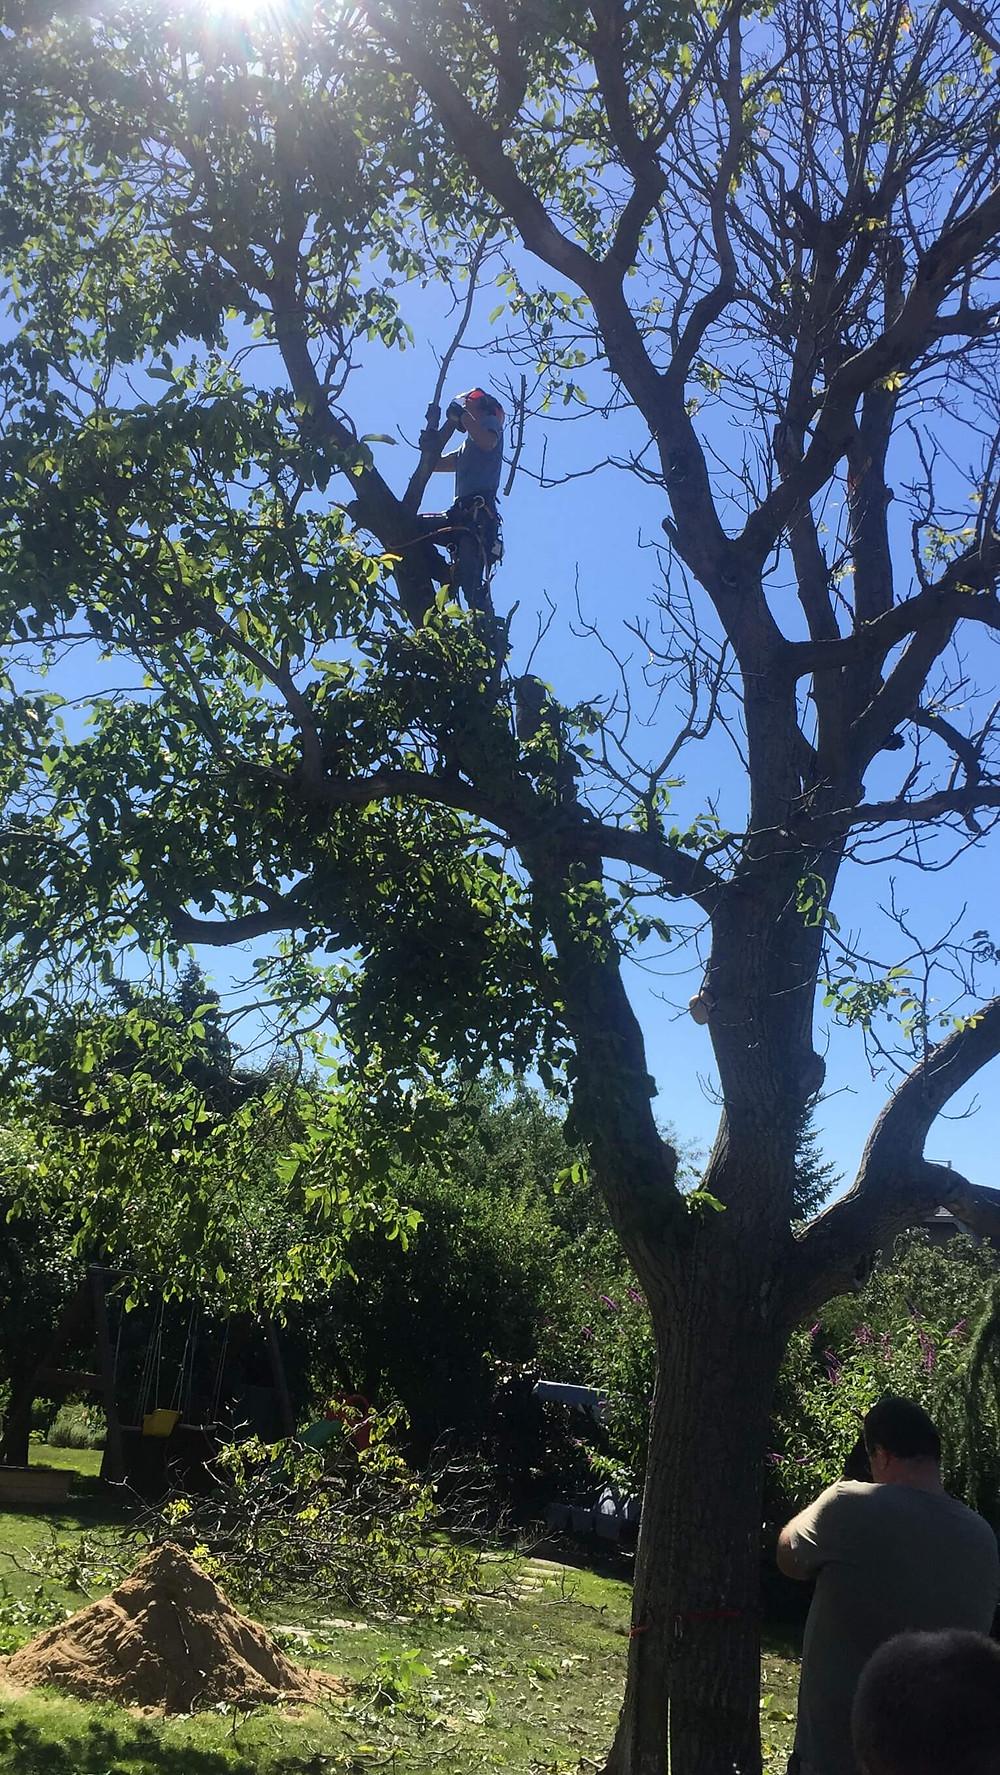 rizikove kaceni stromu ořech praha